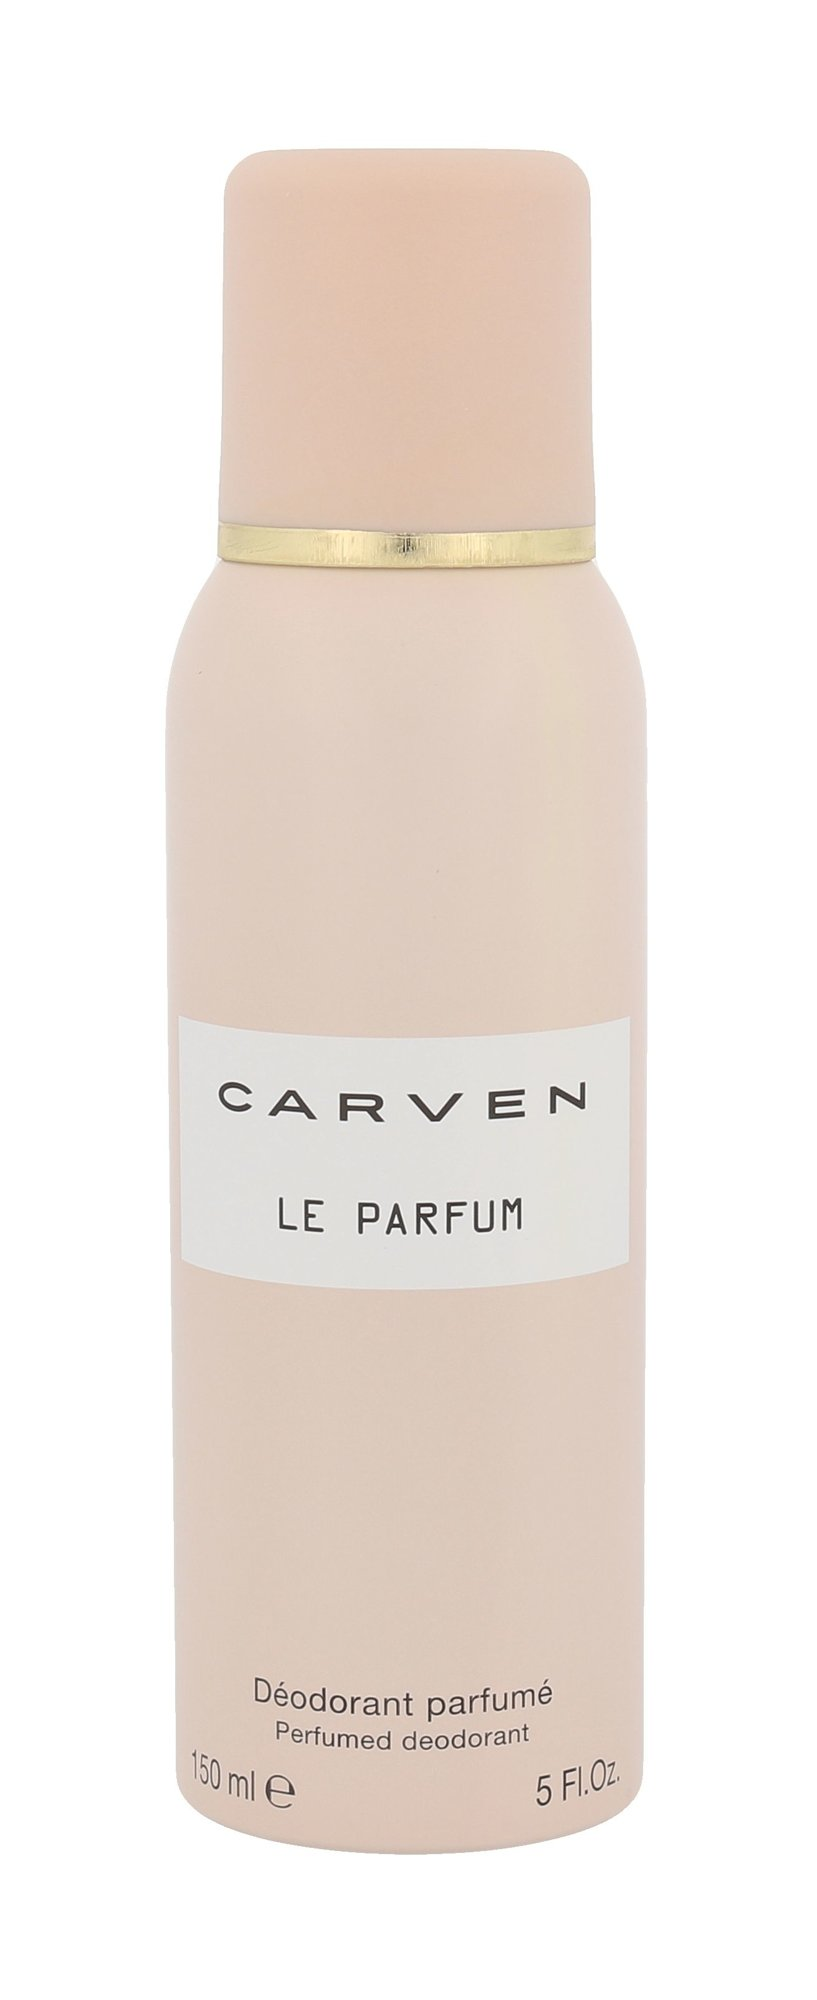 Carven Le Parfum Deodorant 150ml